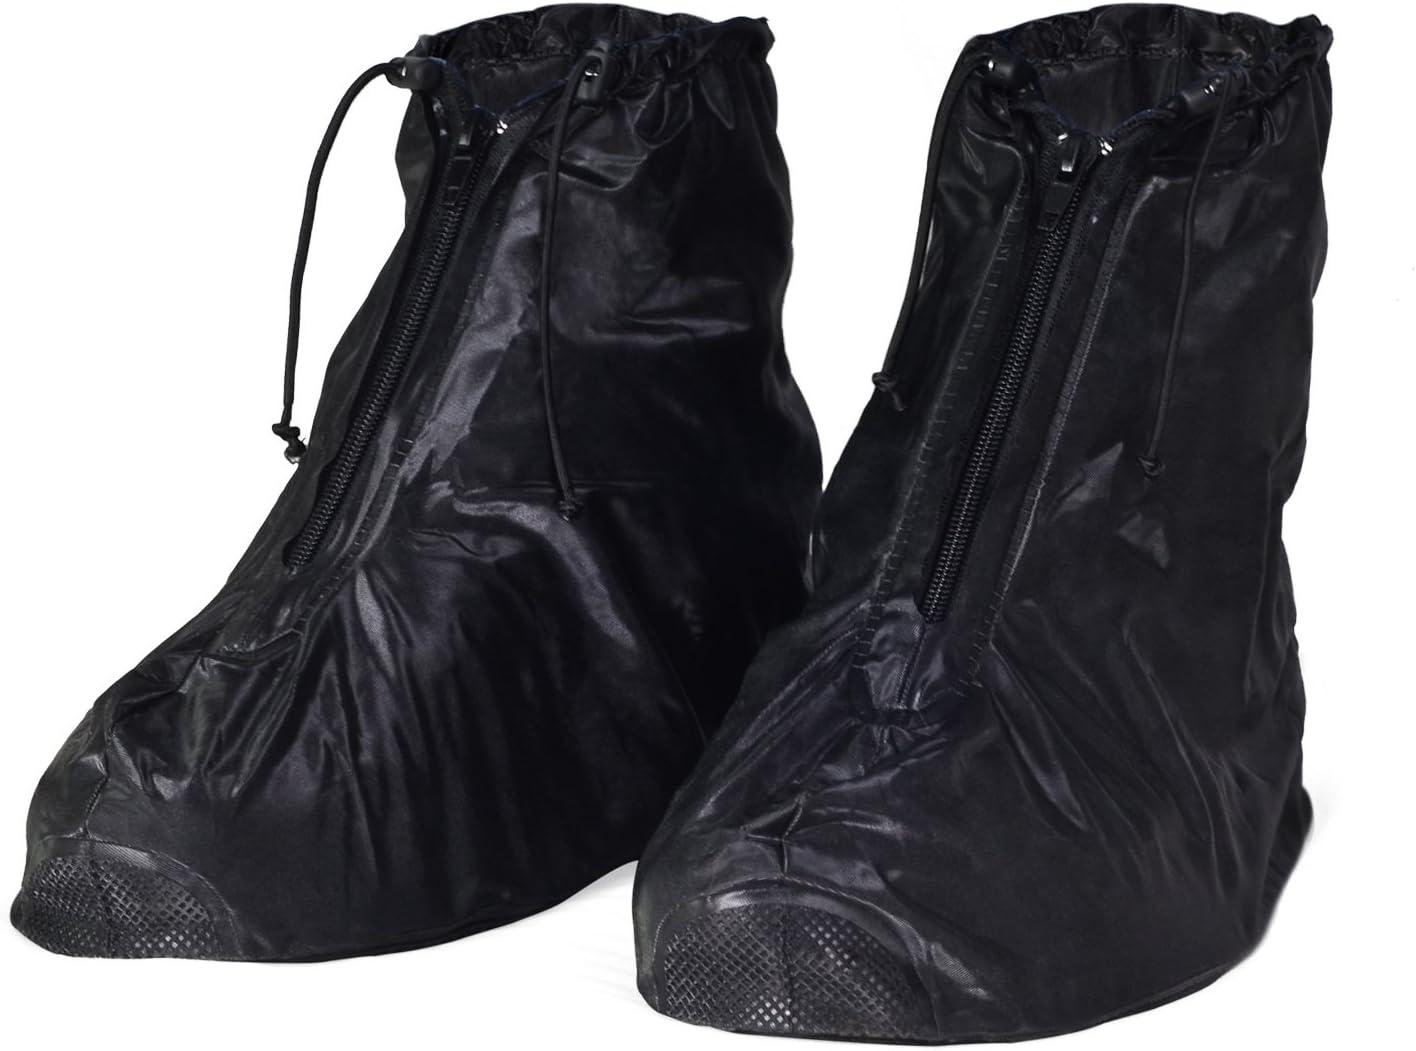 HSEAMALL Zapatos a Prueba de Agua Cubierta,Cubierta del Zapato Impermeable